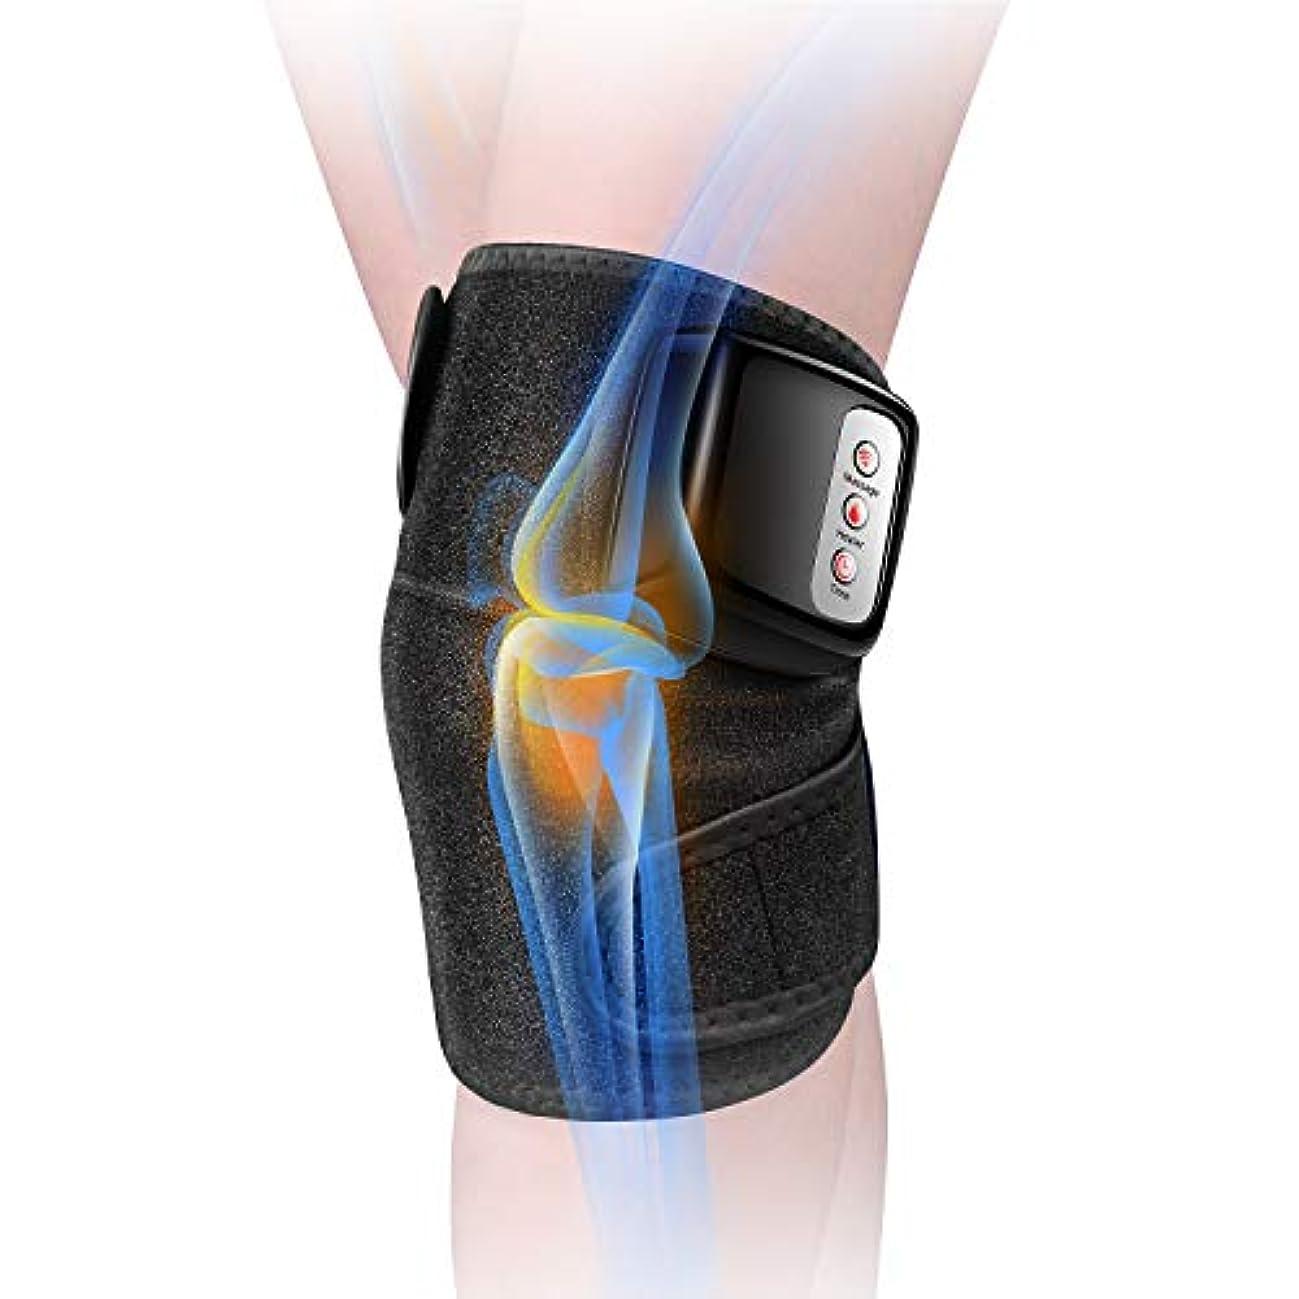 冗長はさみ悪い膝マッサージャー 関節マッサージャー マッサージ器 フットマッサージャー 振動 赤外線療法 温熱療法 膝サポーター ストレス解消 肩 太もも/腕対応